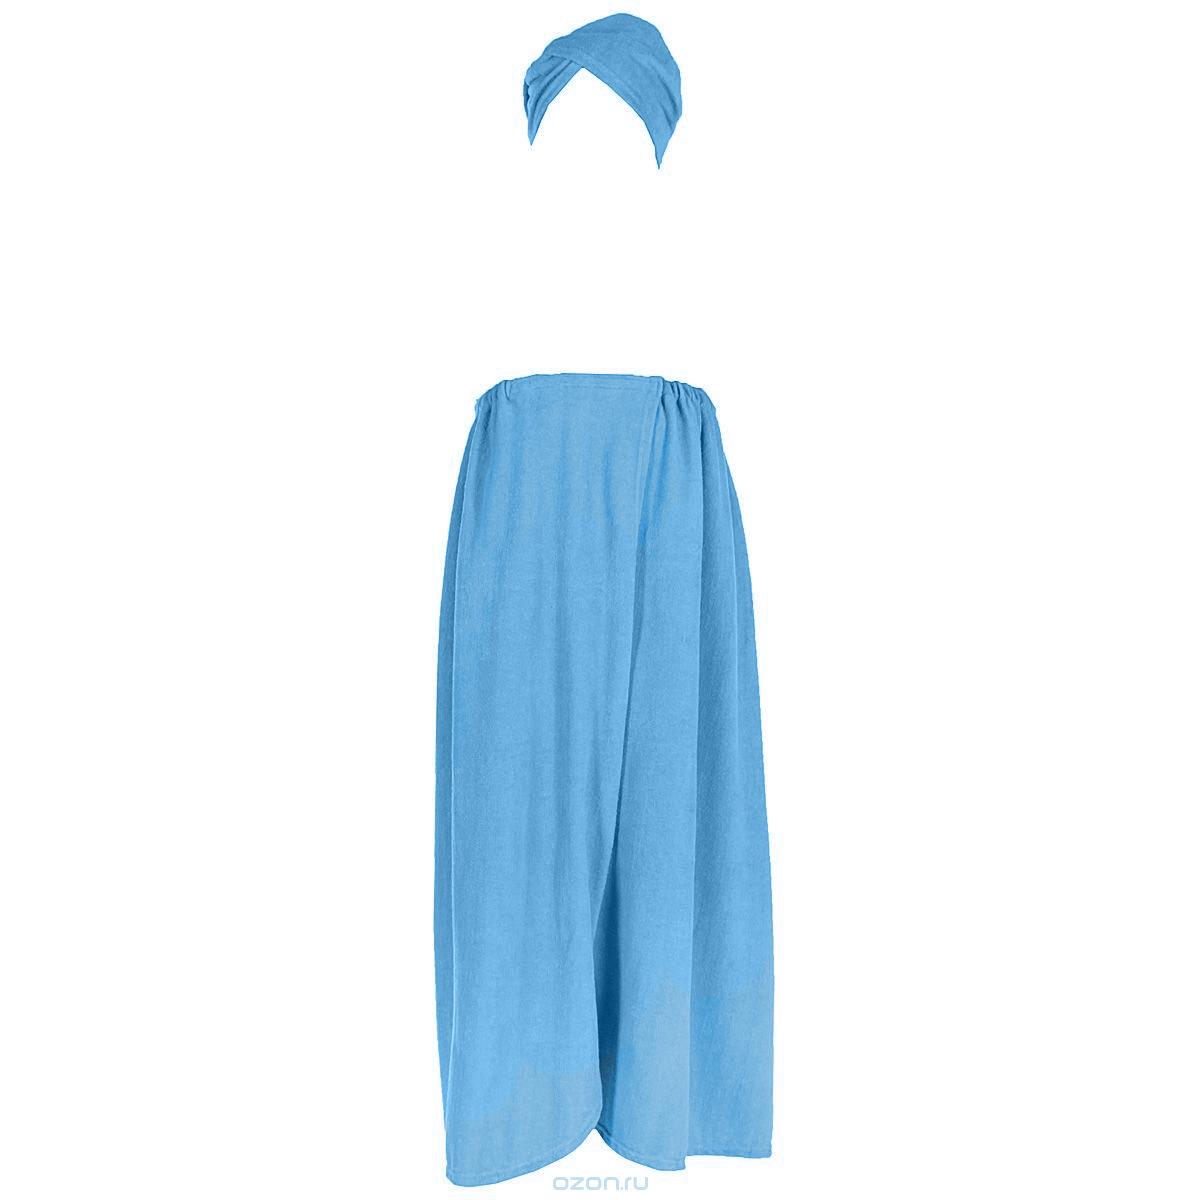 Комплект женский для бани и сауны Главбаня, цвет: голубой, 2 предмета. Размер XXLБ261_голубойЖенский комплект для бани и сауны Главбаня состоит из парео и чалмы для волос. Парео посажено на резинку и застегивается с помощью липучки. Парео можно использовать как коврик для бани или полотенце. Все предметы комплекта изготовлены из натурального, хорошо впитывающего влагу хлопка. Комплект создан для активных и уверенных в себе людей. Отдых в сауне или бане - это полезный и в последнее время популярный способ времяпровождения. Комплект Главбаня обеспечит вам комфорт и удобство. Длина парео: 100 см. Ширина парео: 168 см. Длина чалмы: 70 см.